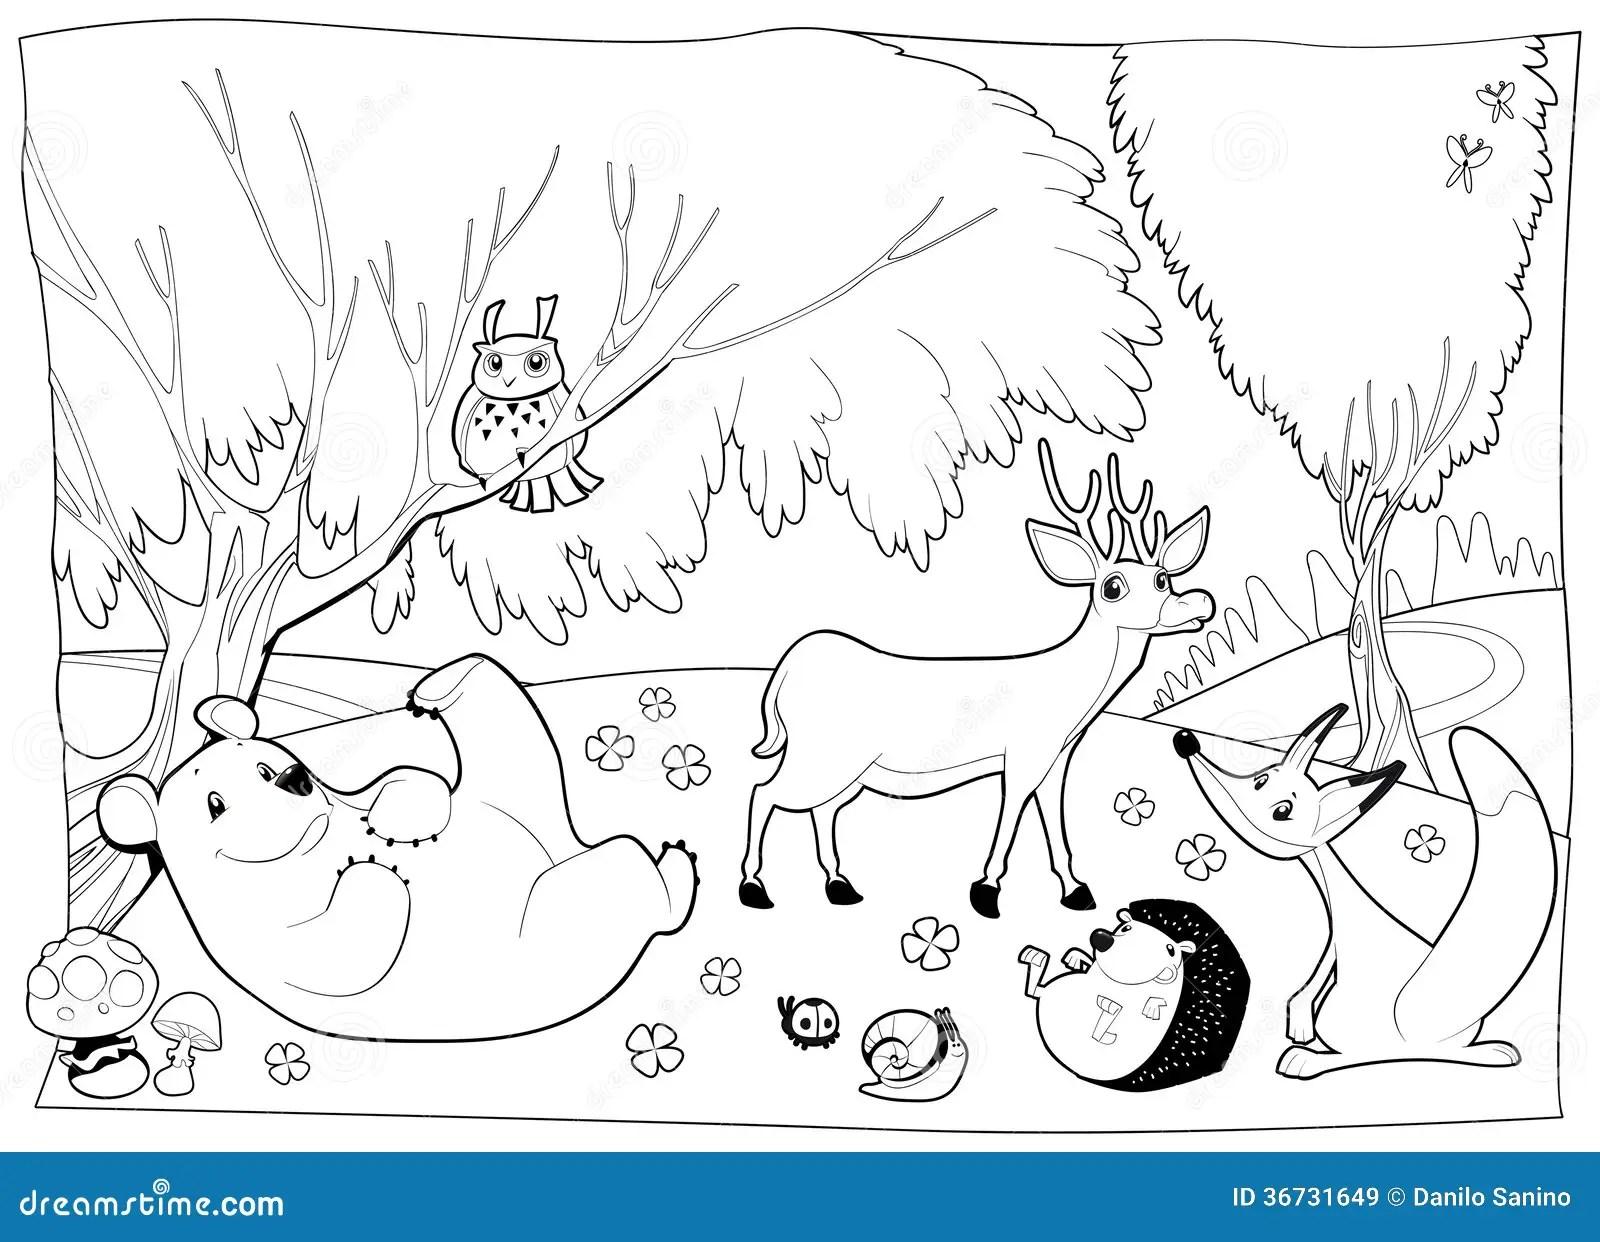 Hibernation Habitat Worksheet